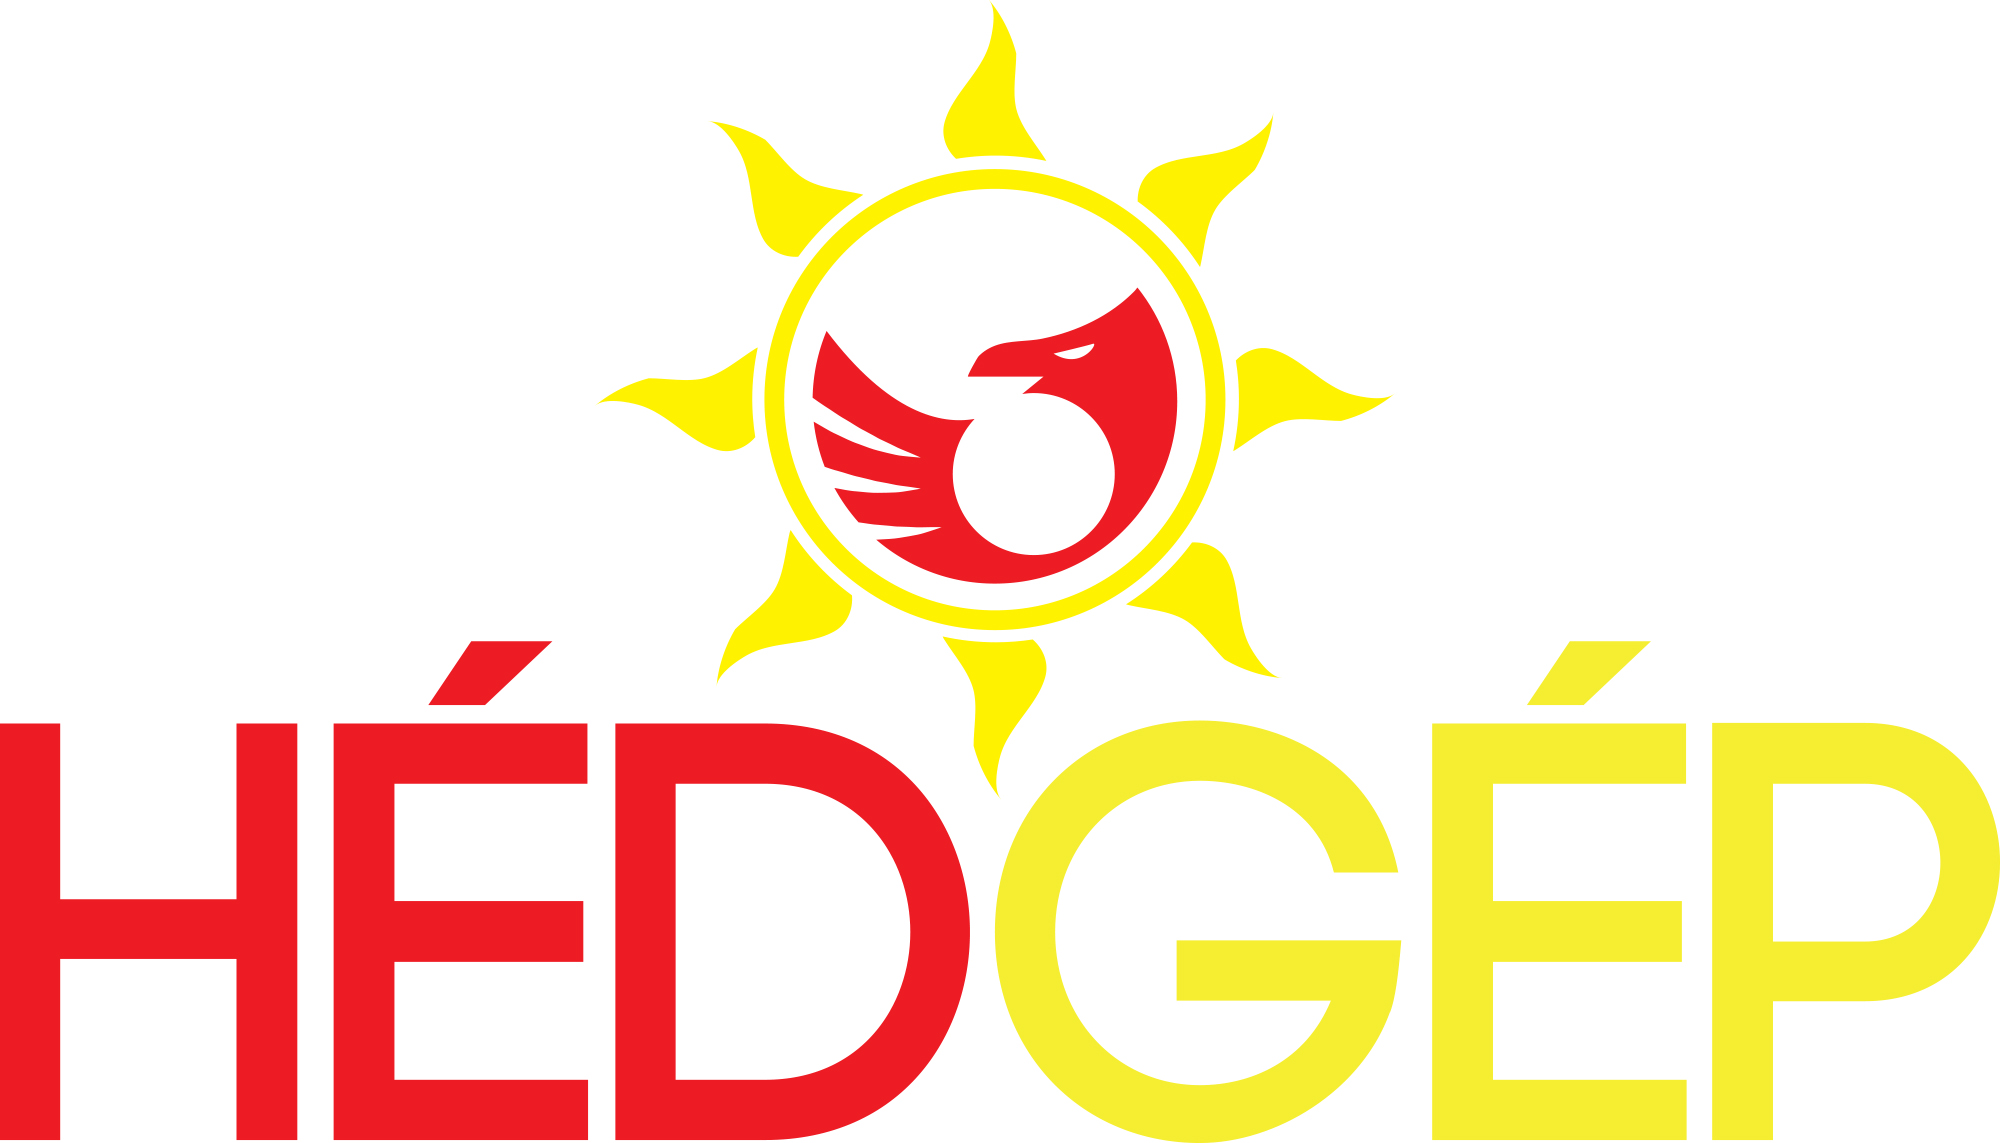 szöveg alapú logó tervezése, emblémás/ikonos/illusztrált logó tervezése, logó tervezés, logó készítés, logó tervezése